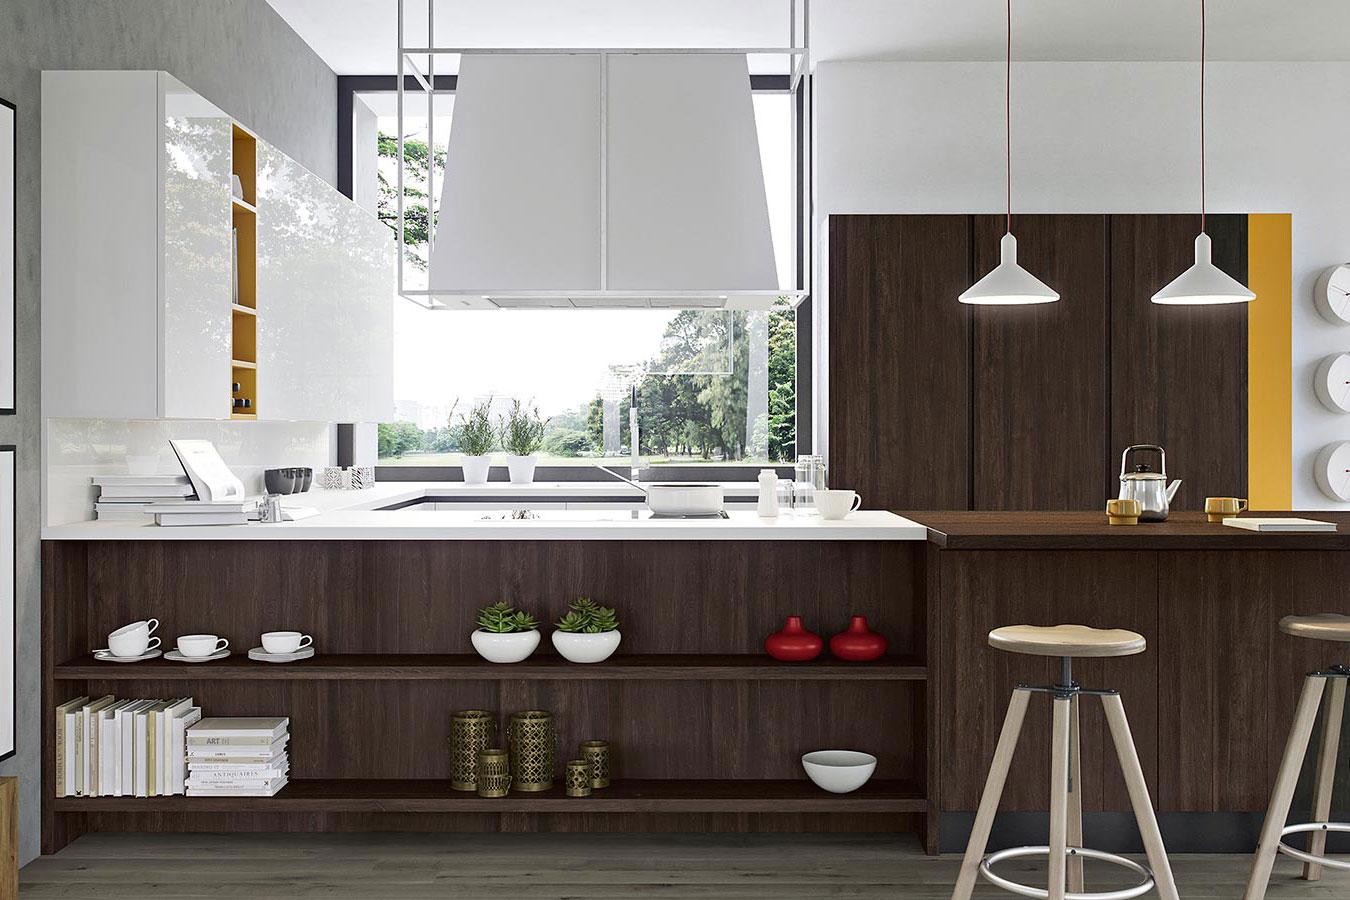 Emejing Cucine Componibili Conforama Images - Design & Ideas 2017 ...